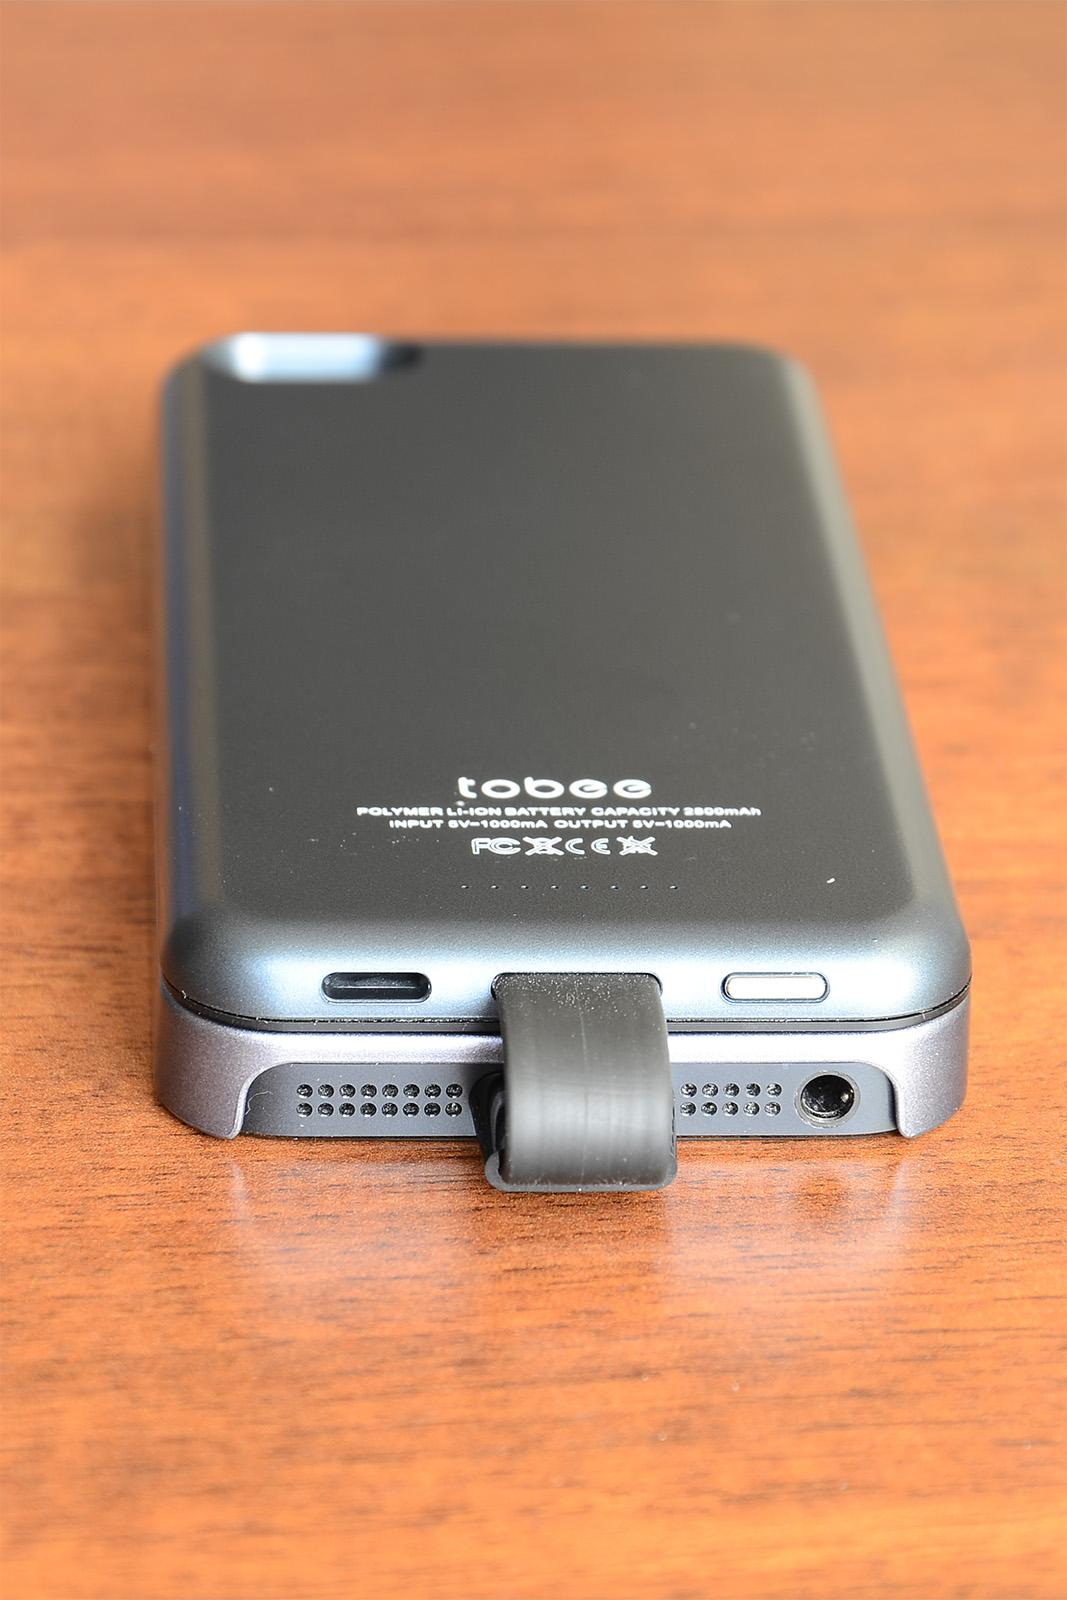 La comodità di una cover tradizionale unita alla versatilità di una batteria da 2800mAh, da Tobee | iSpazio Product Review